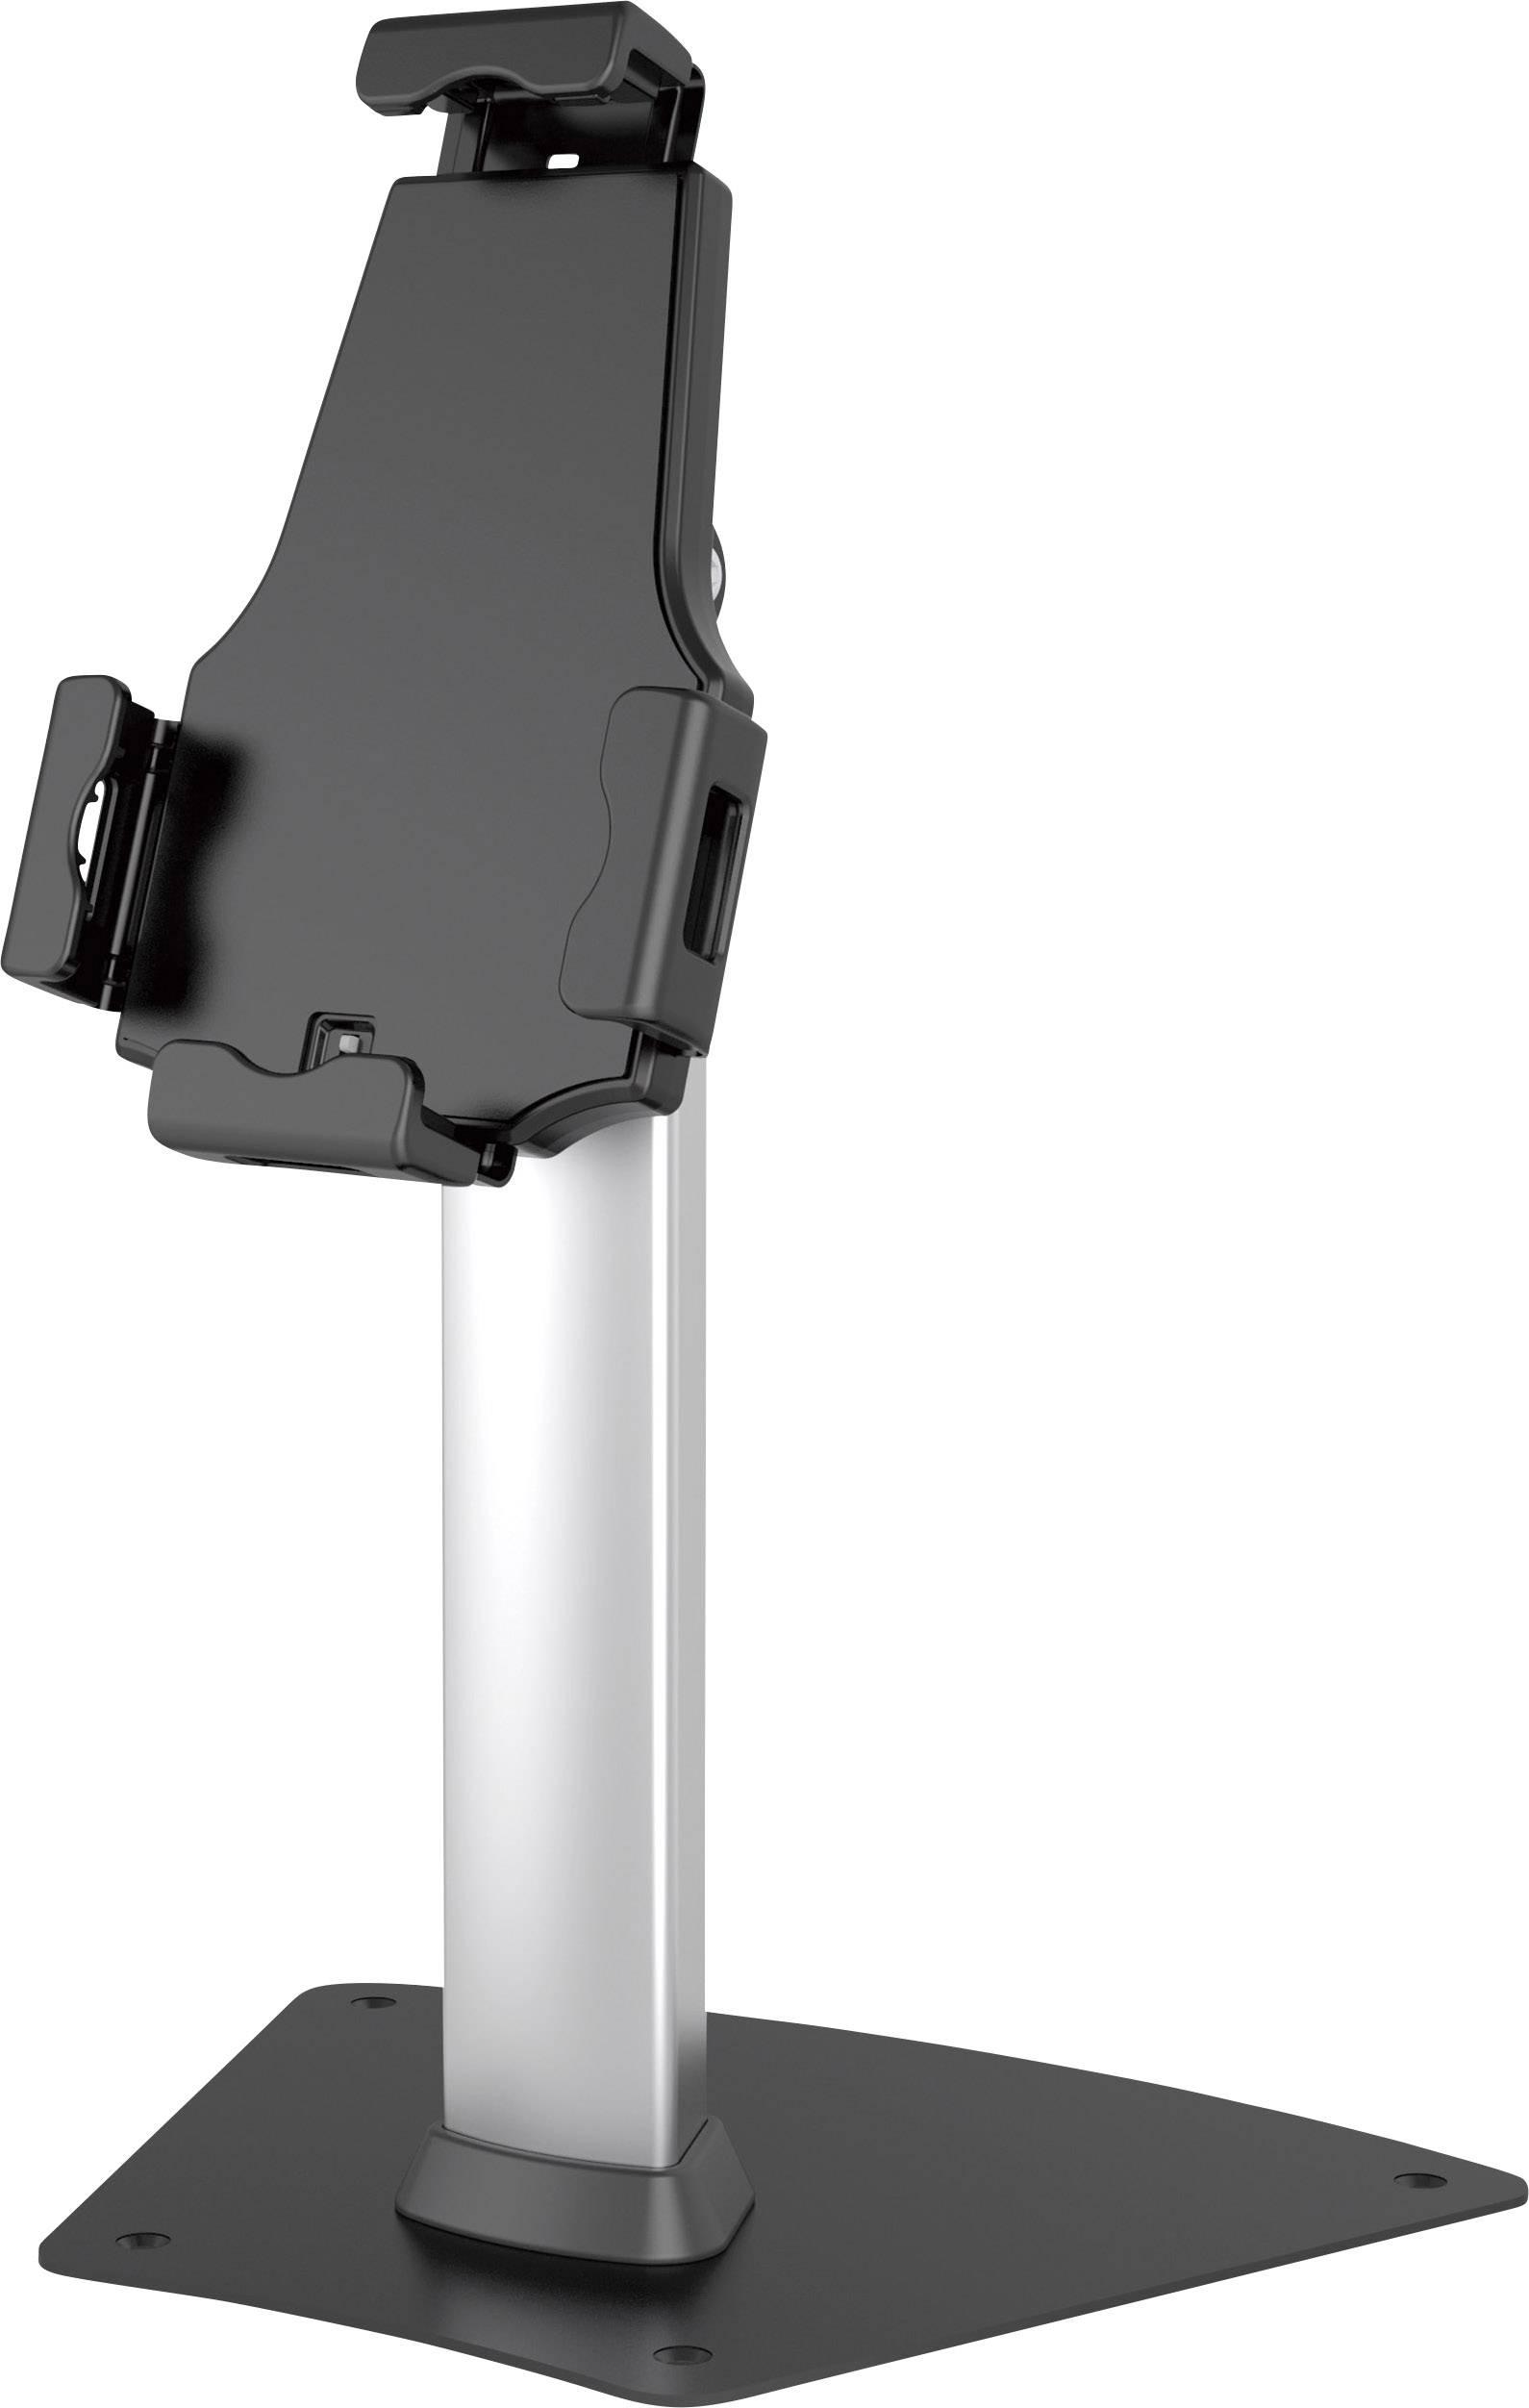 Renkforce PAD21-03 Supporto per tablet Adatto per: universale 20,1 cm (7,9) - 25,7 cm (10,1)